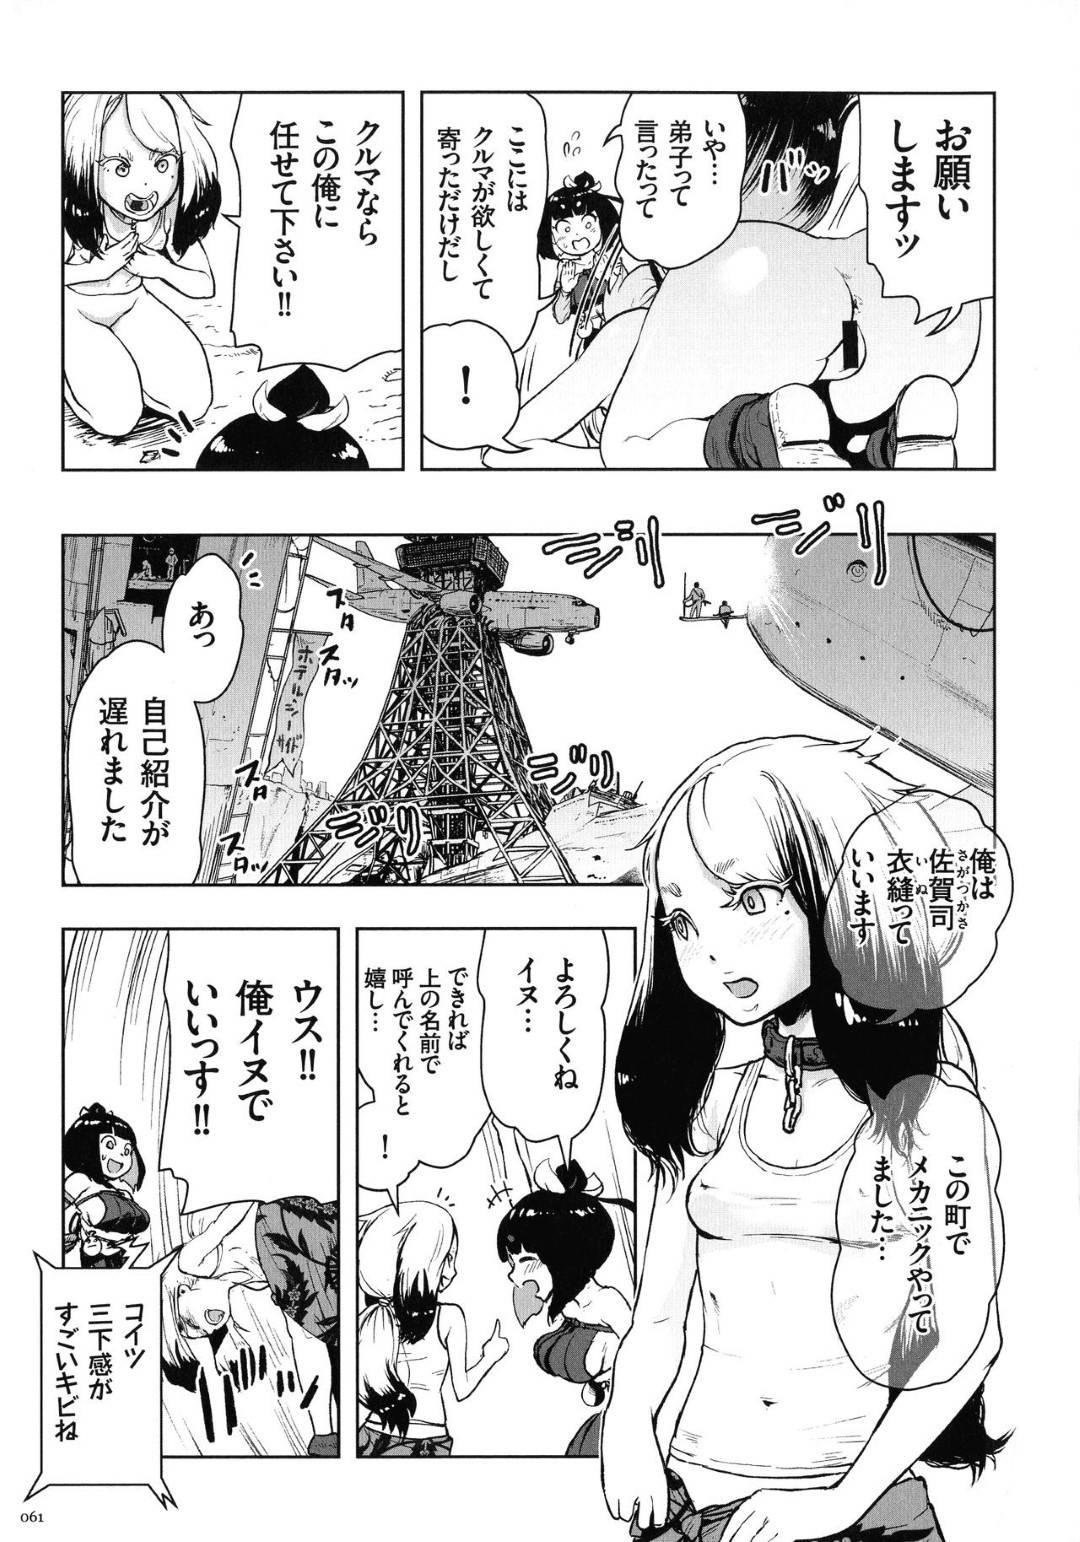 【エロ漫画】旅の最中に巨大な街へと訪れたもも姫。彼女は車を手に入れる為に輪姦されているメカニックを助け、男たちを骨抜きになるまでセックスしまくるが、なんどかんだ街を支配する男を退治することに。